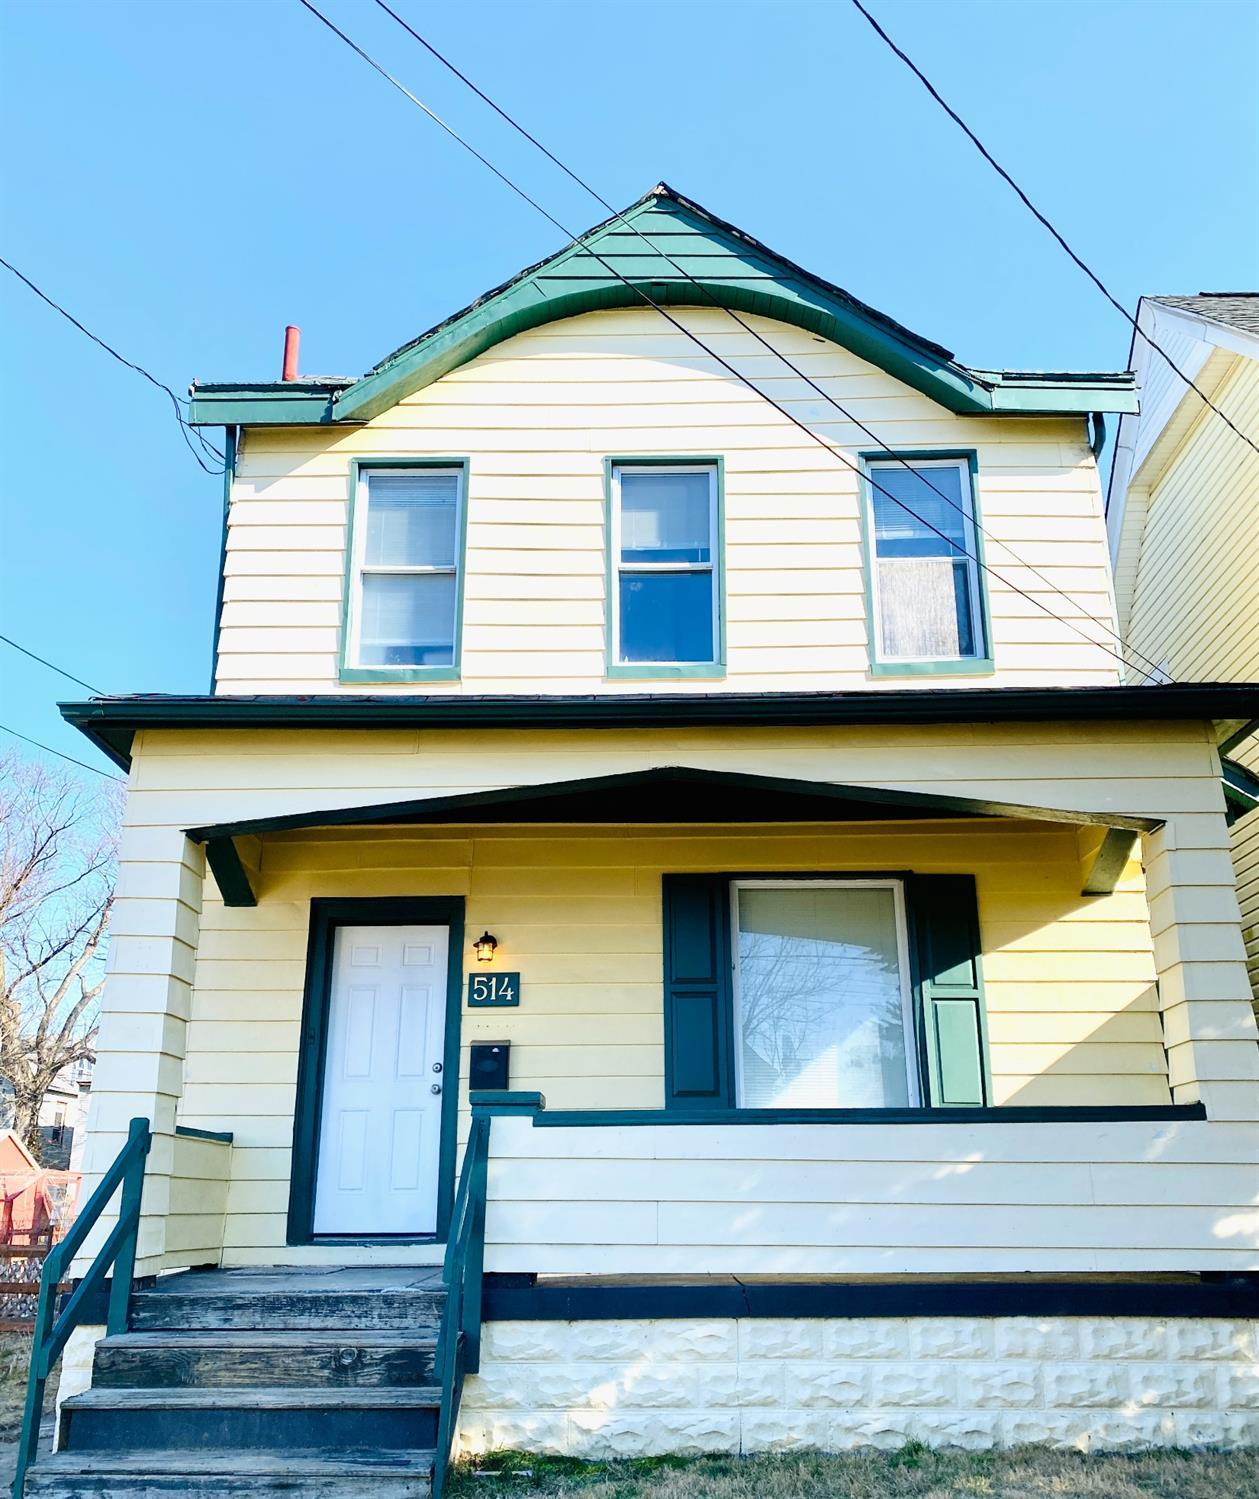 514 Linden St Elmwood Place, OH